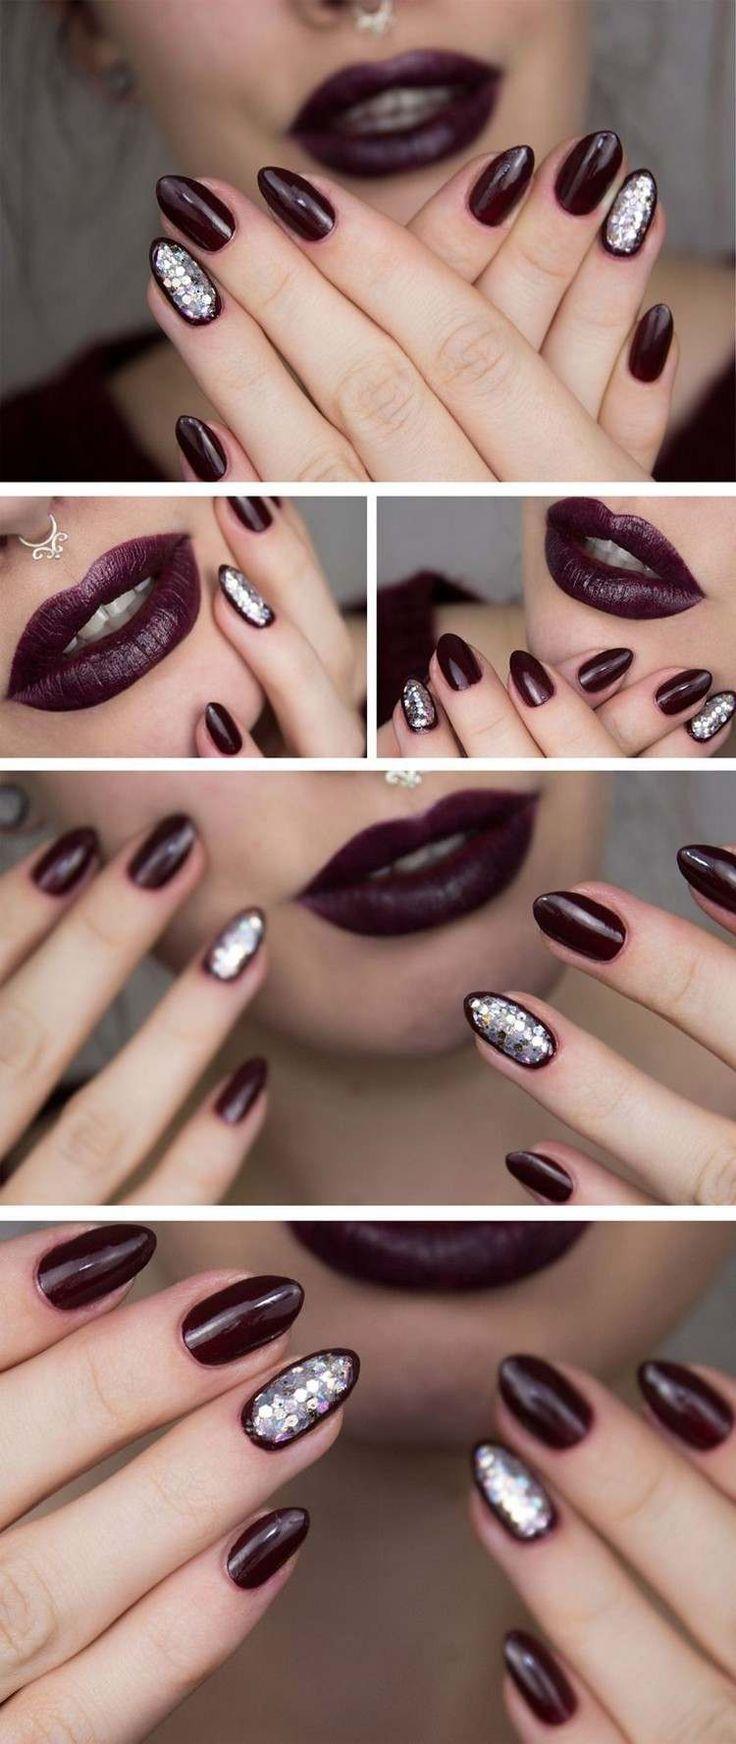 dramatische dunkle Farbe und Nagellack mit silbernen Glitzerpartikeln